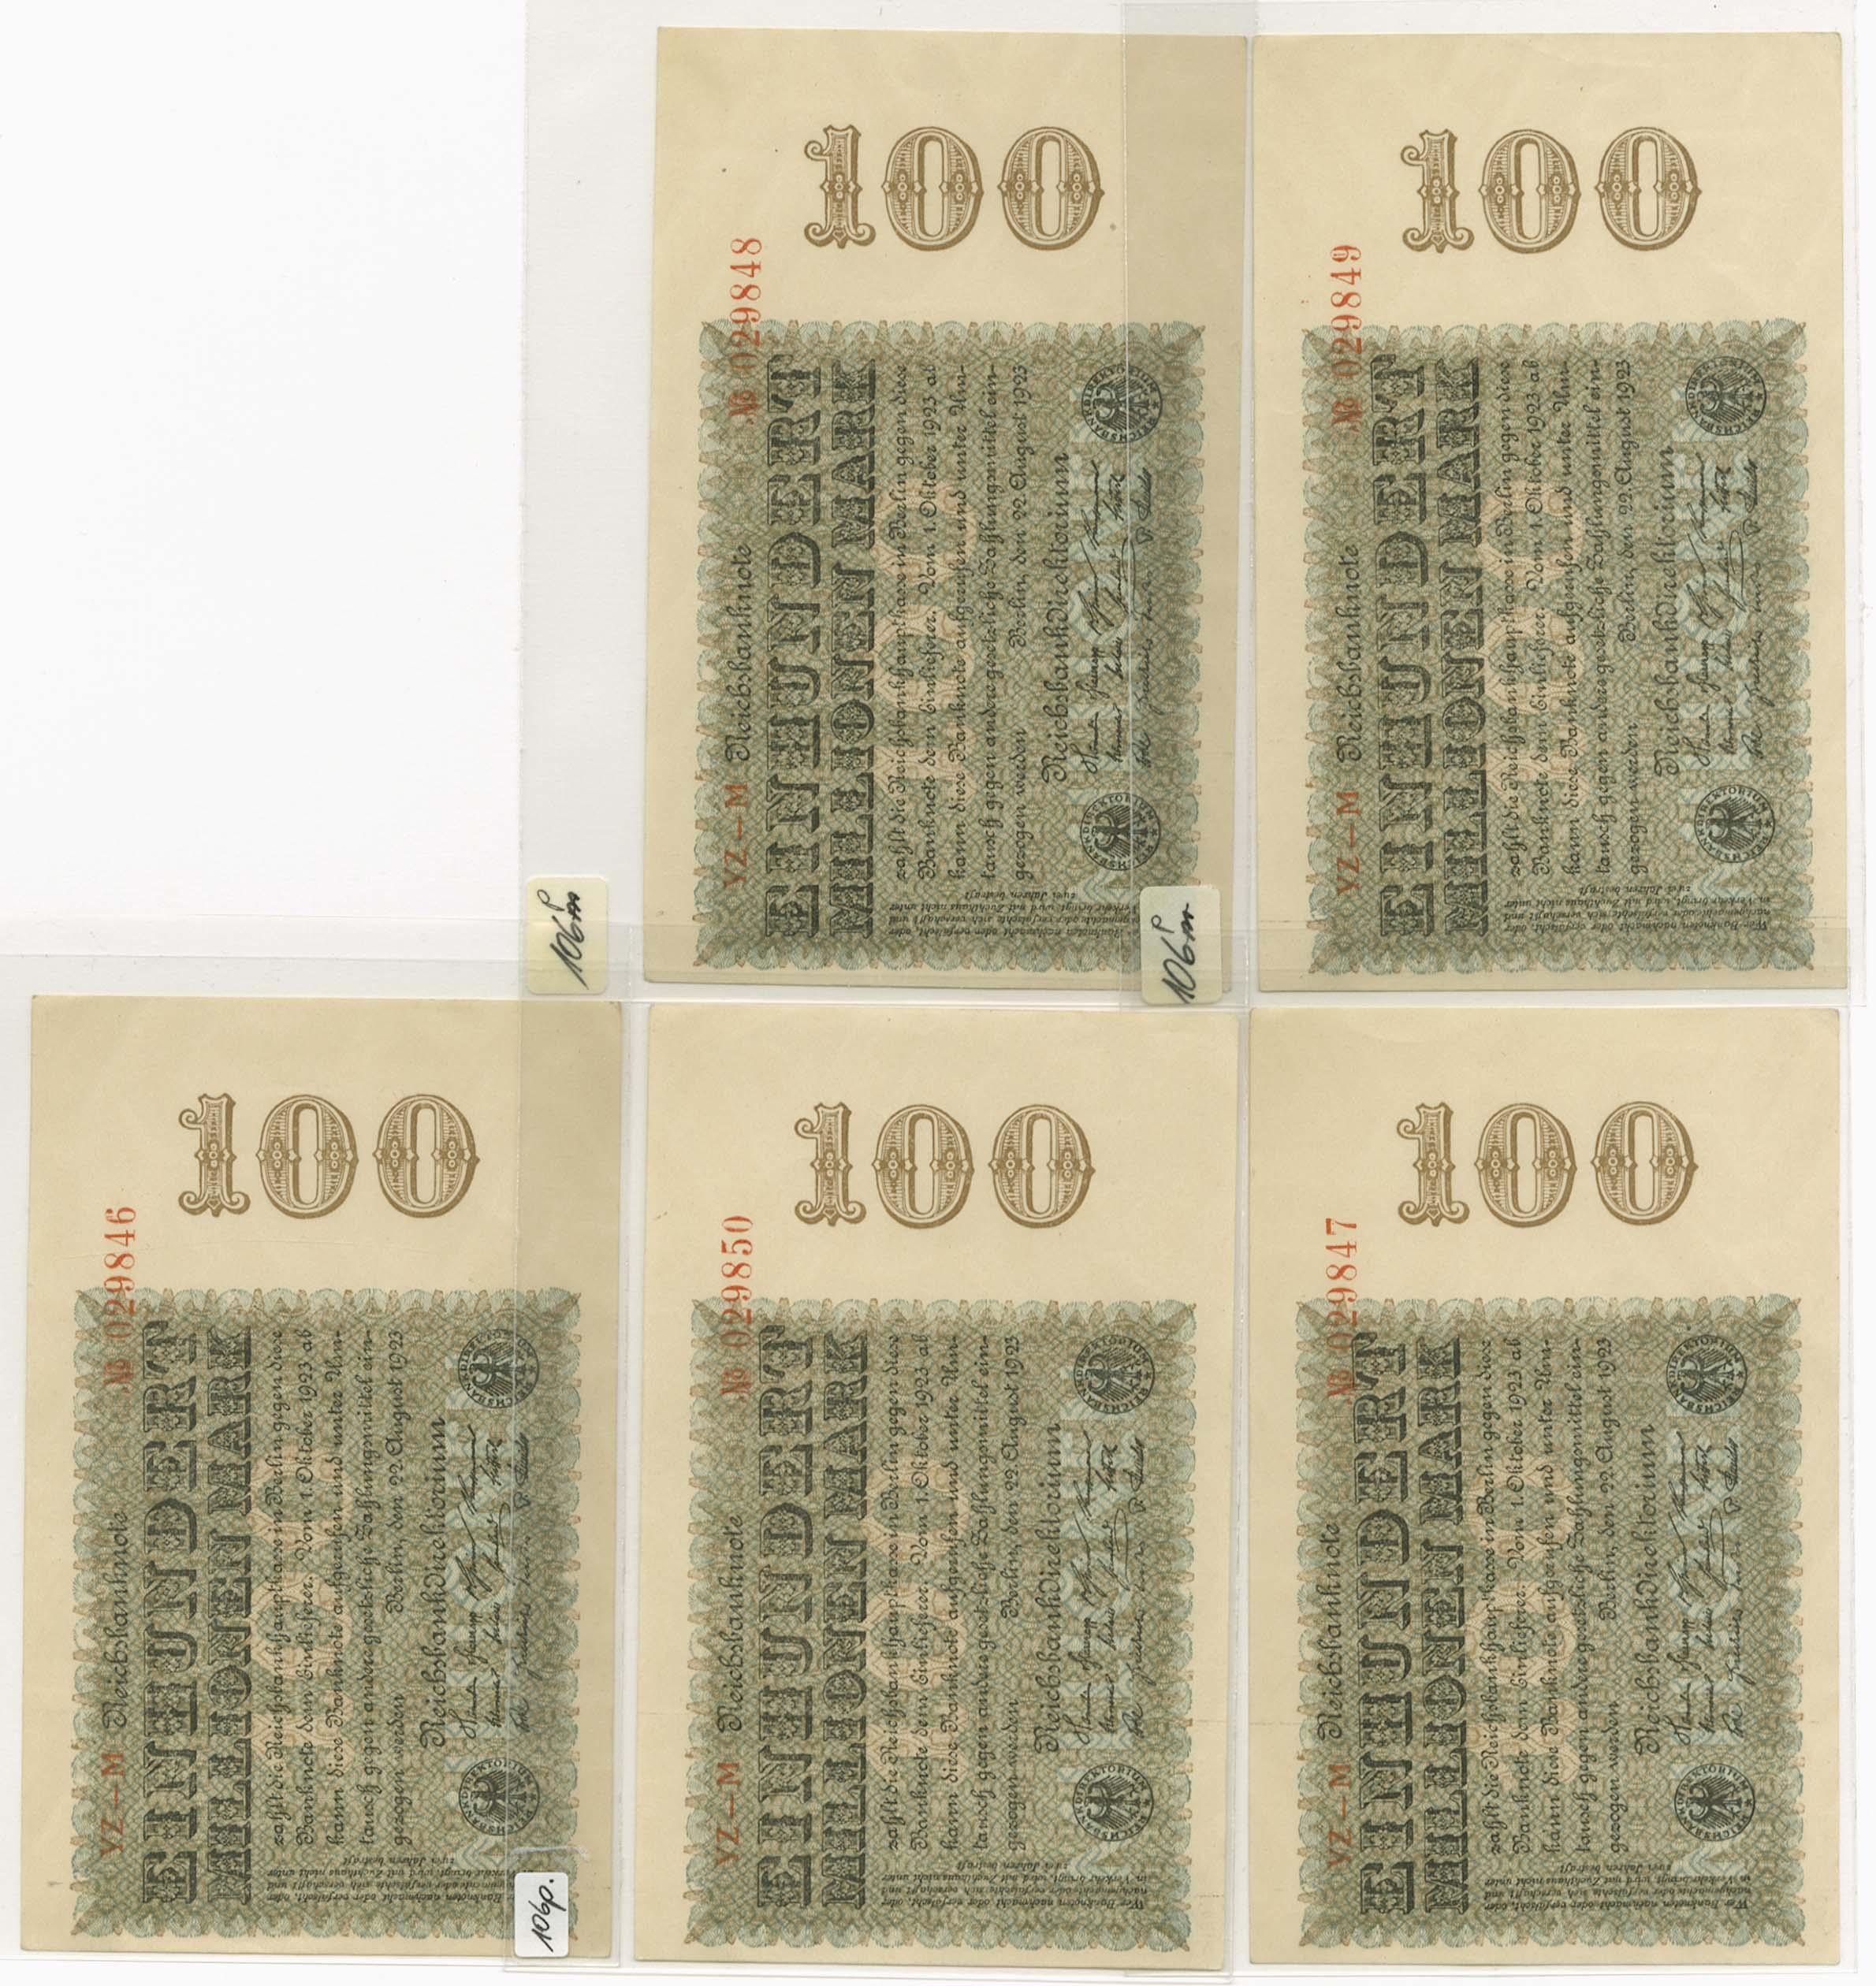 Lot 2138 - Geldscheine Deutschland - Deutsches Reich -  Auktionshaus Ulrich Felzmann GmbH & Co. KG Auction 161 from March 6-10, 2018